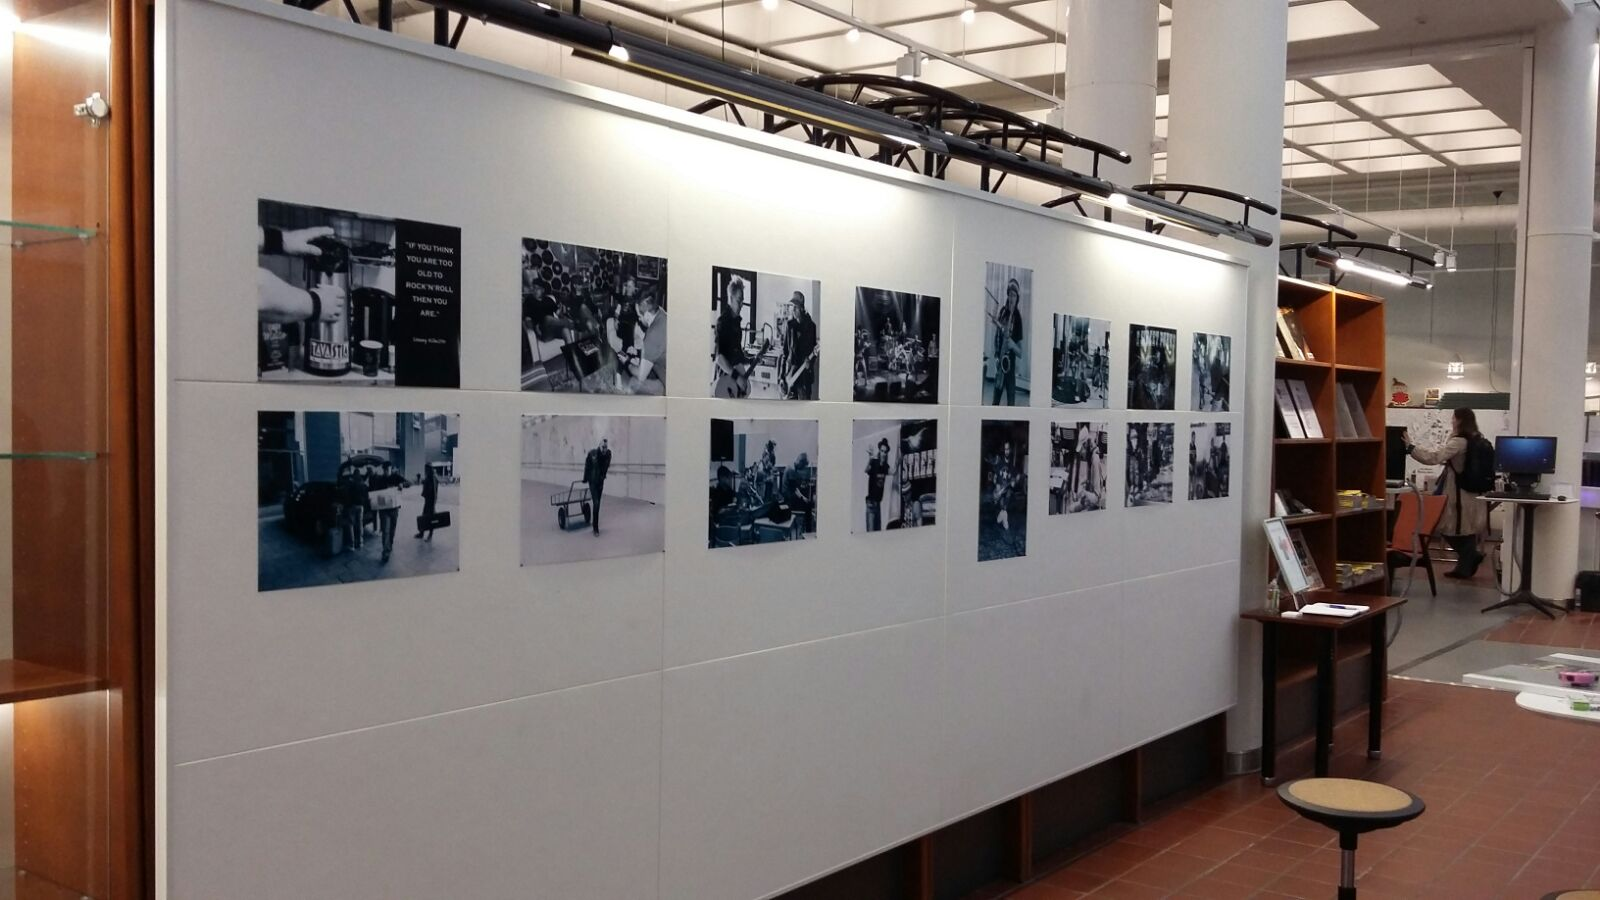 Malmin kirjasto E Street Punks Riikka Koksu Valokuvanäyttely